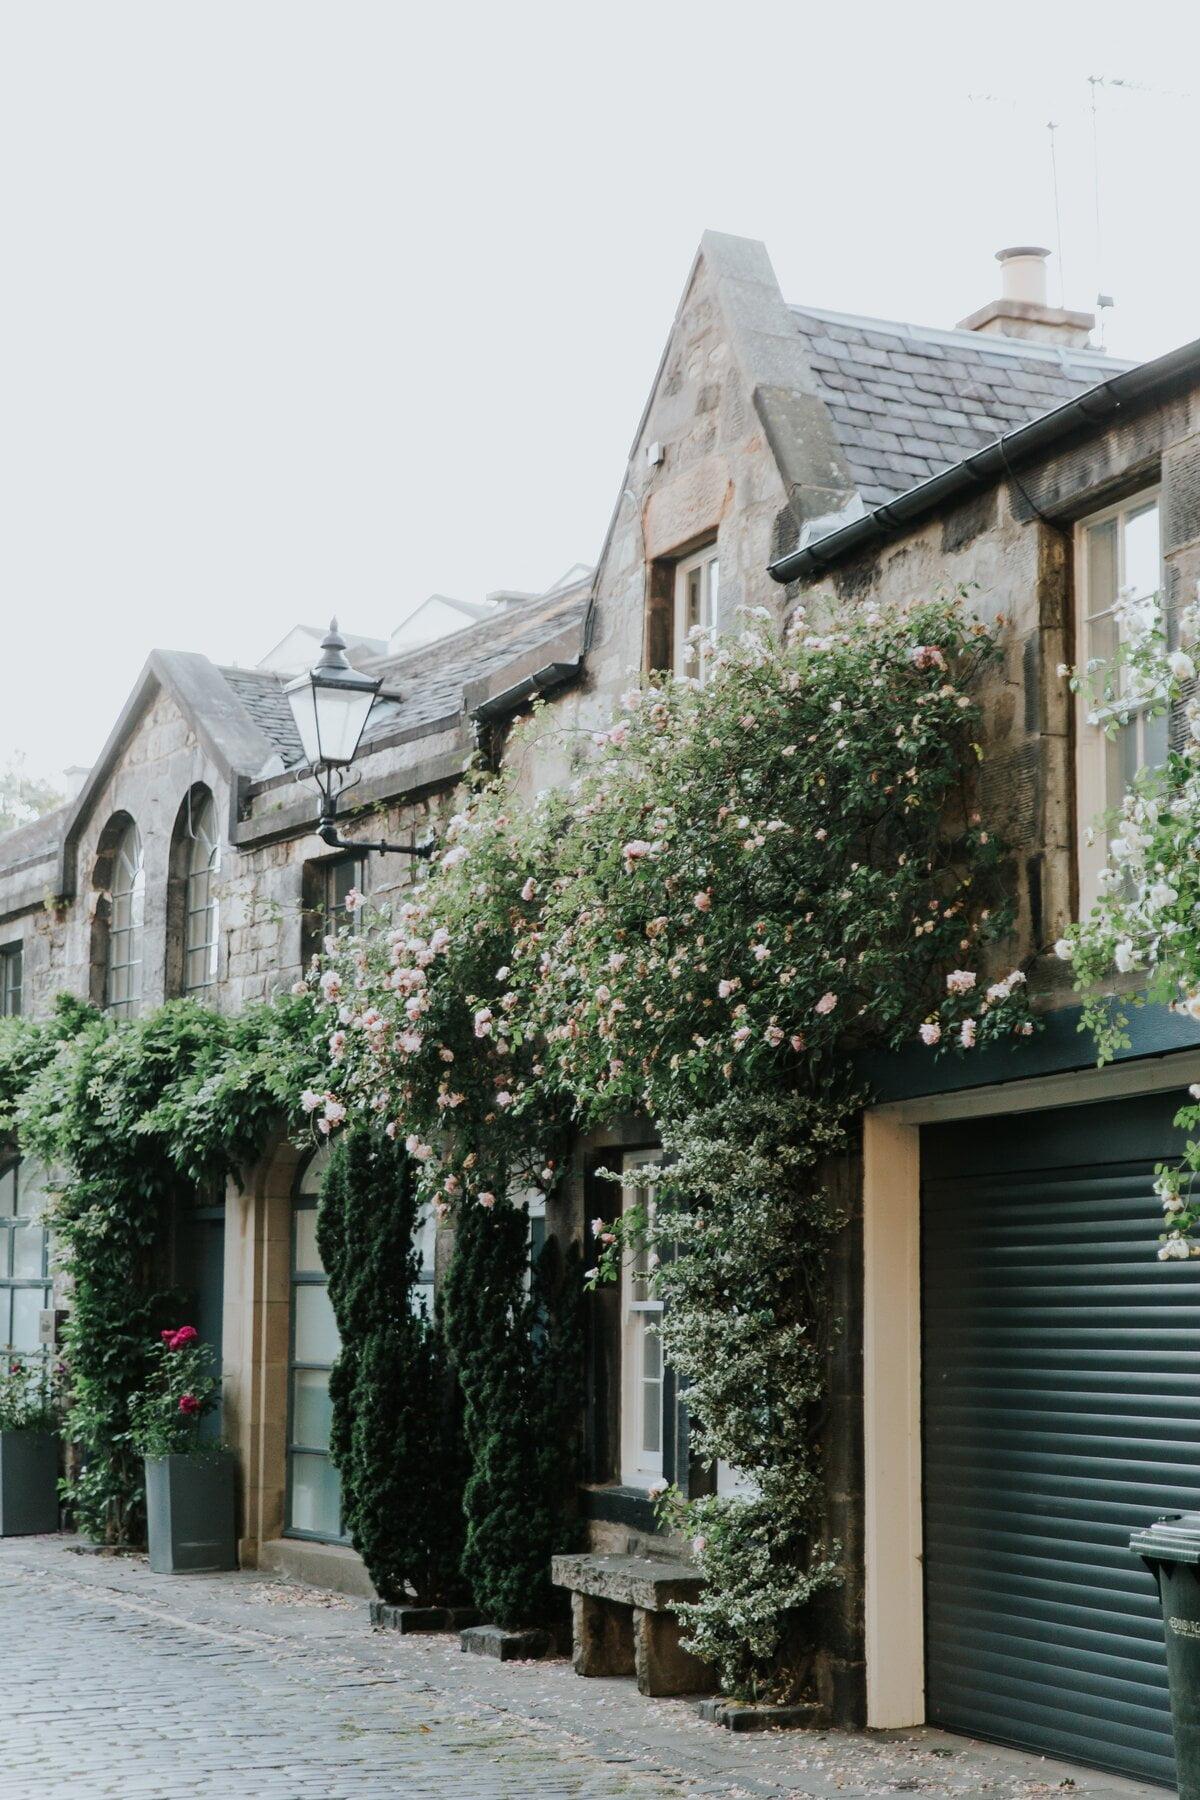 Image description. house with a green facade